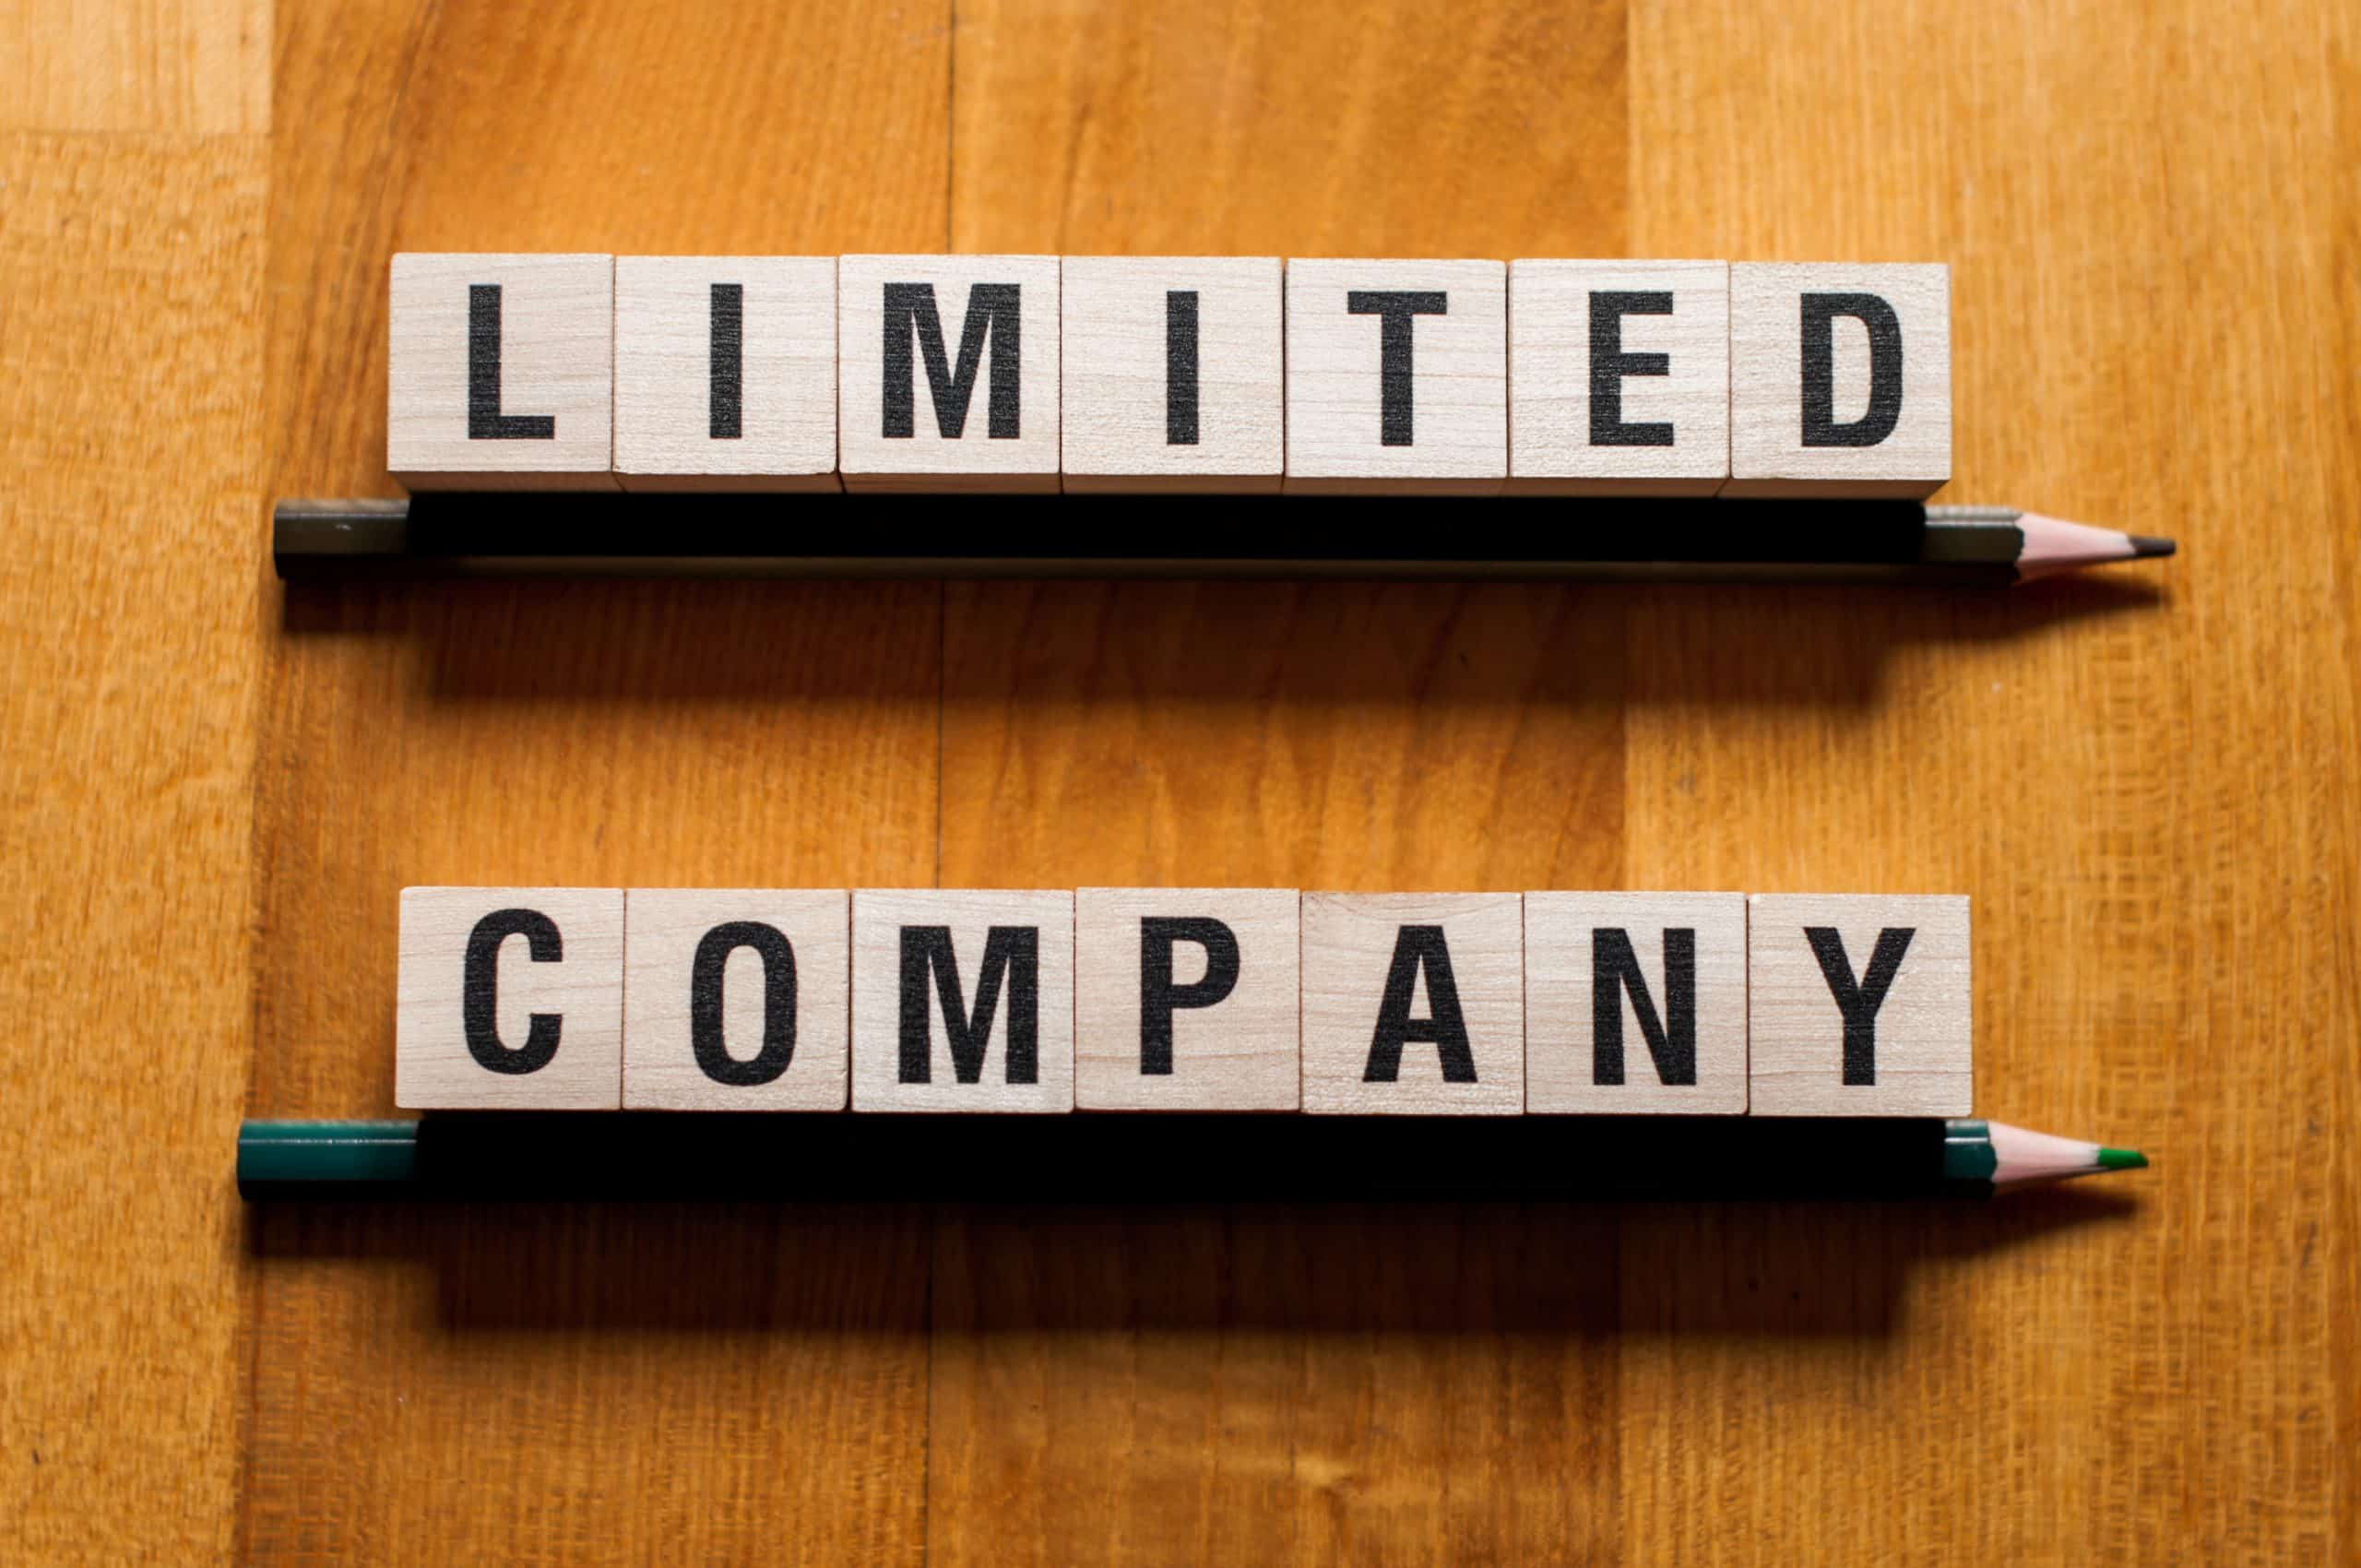 limited company